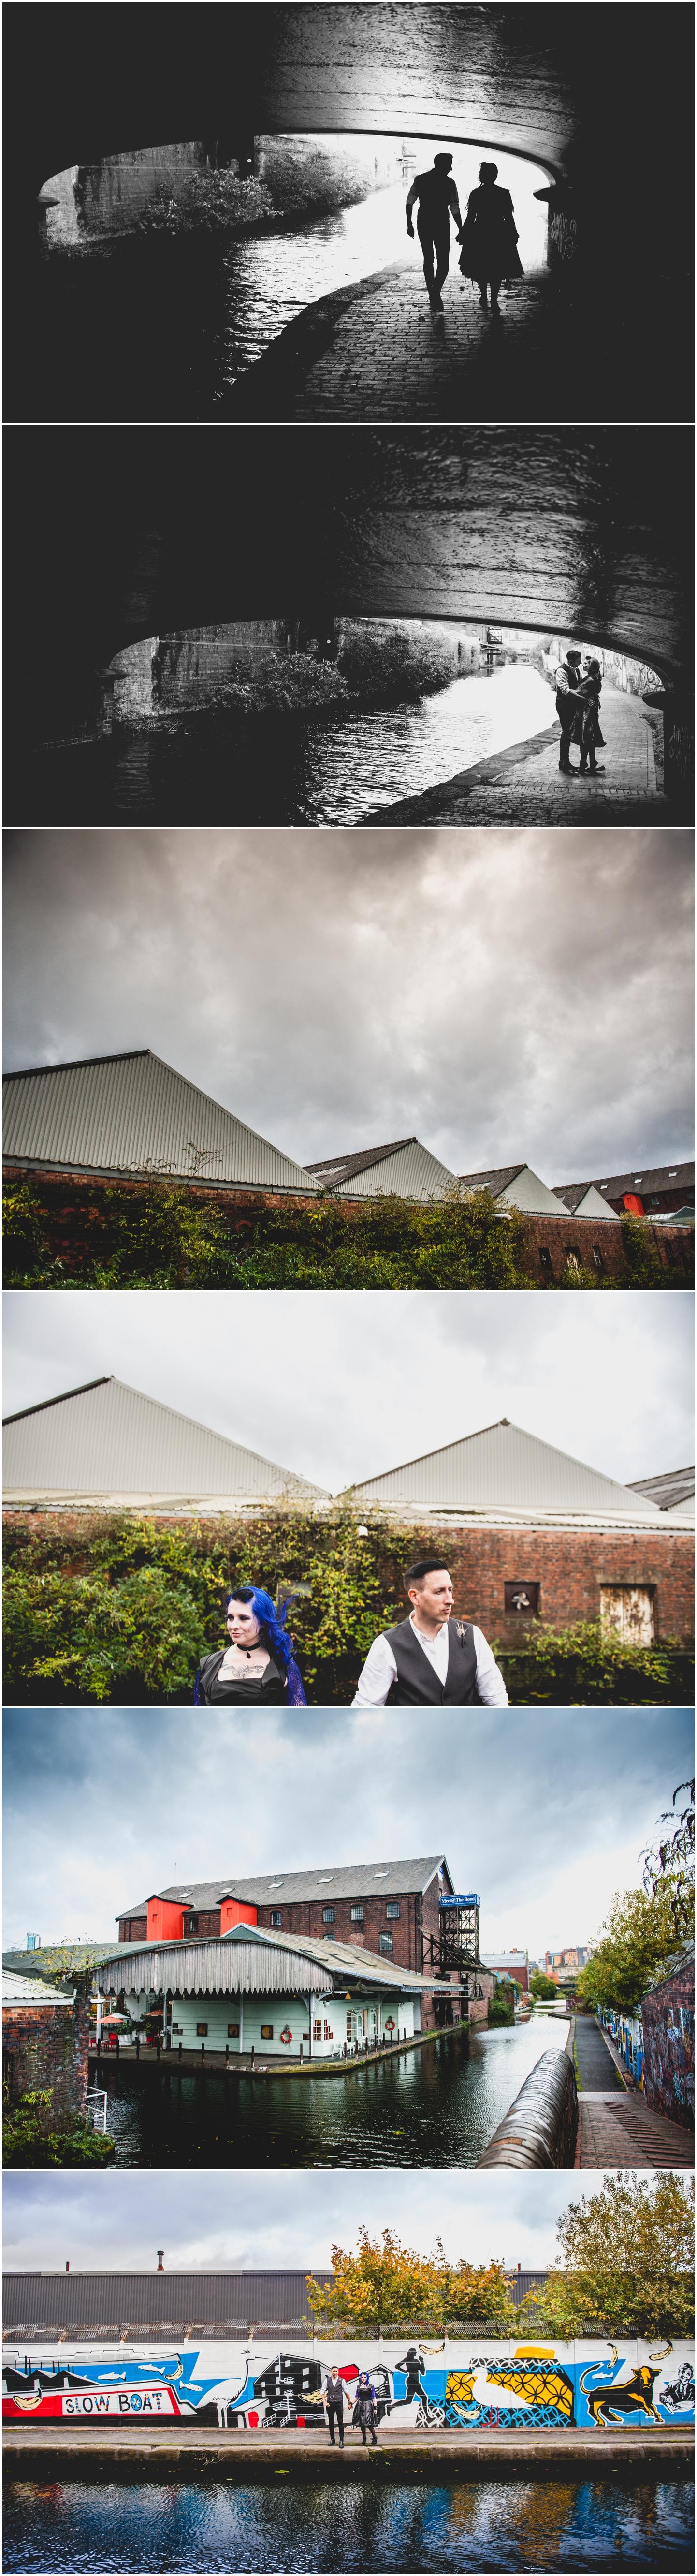 Bond Company Wedding, Digbeth, Lisa Carpenter Photography, Birmingham, goth wedding, alternative wedding, photos, canal